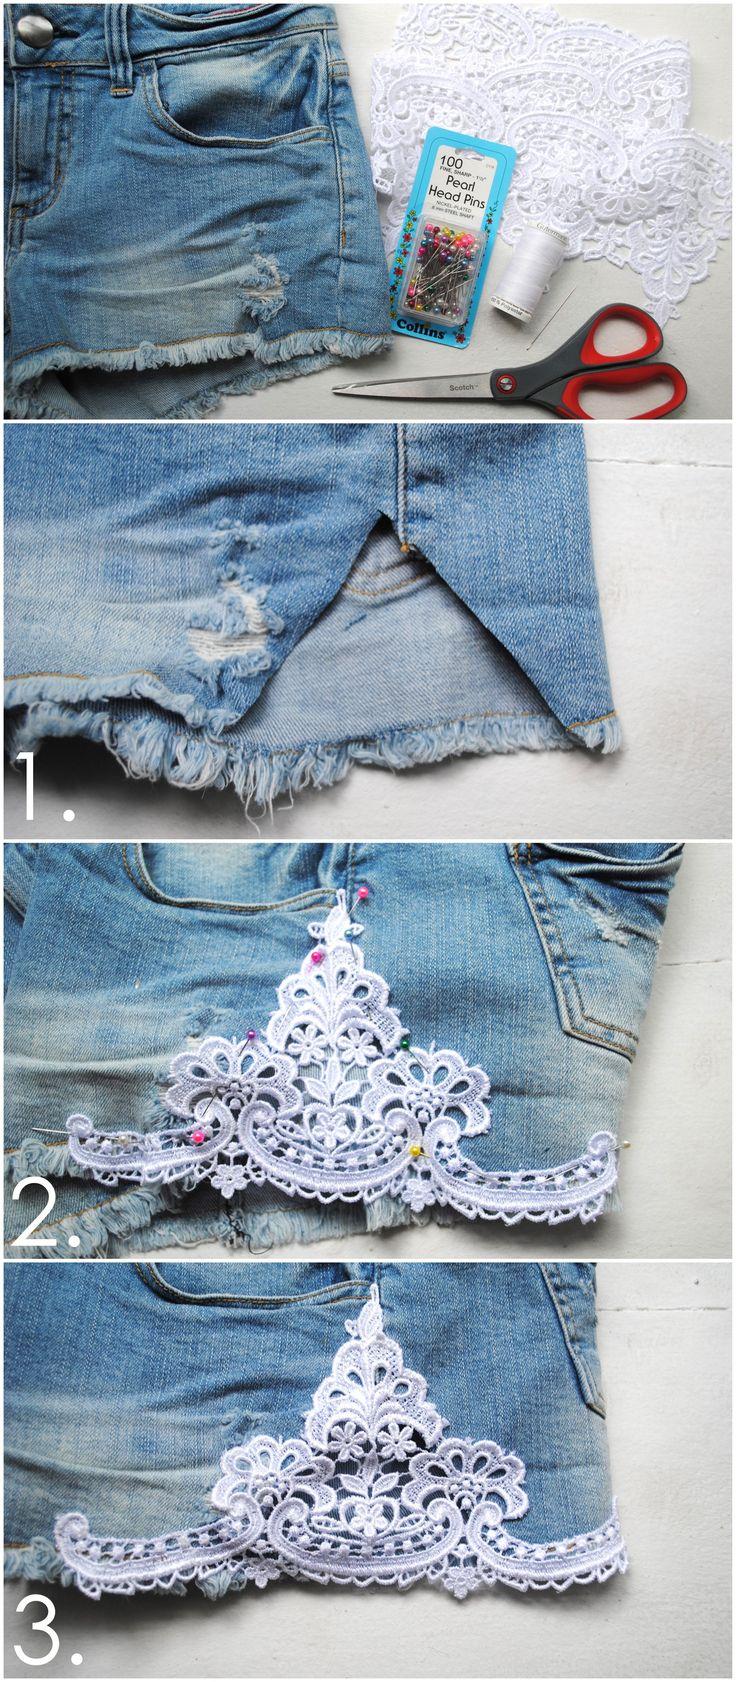 DIY: lace cutoffs